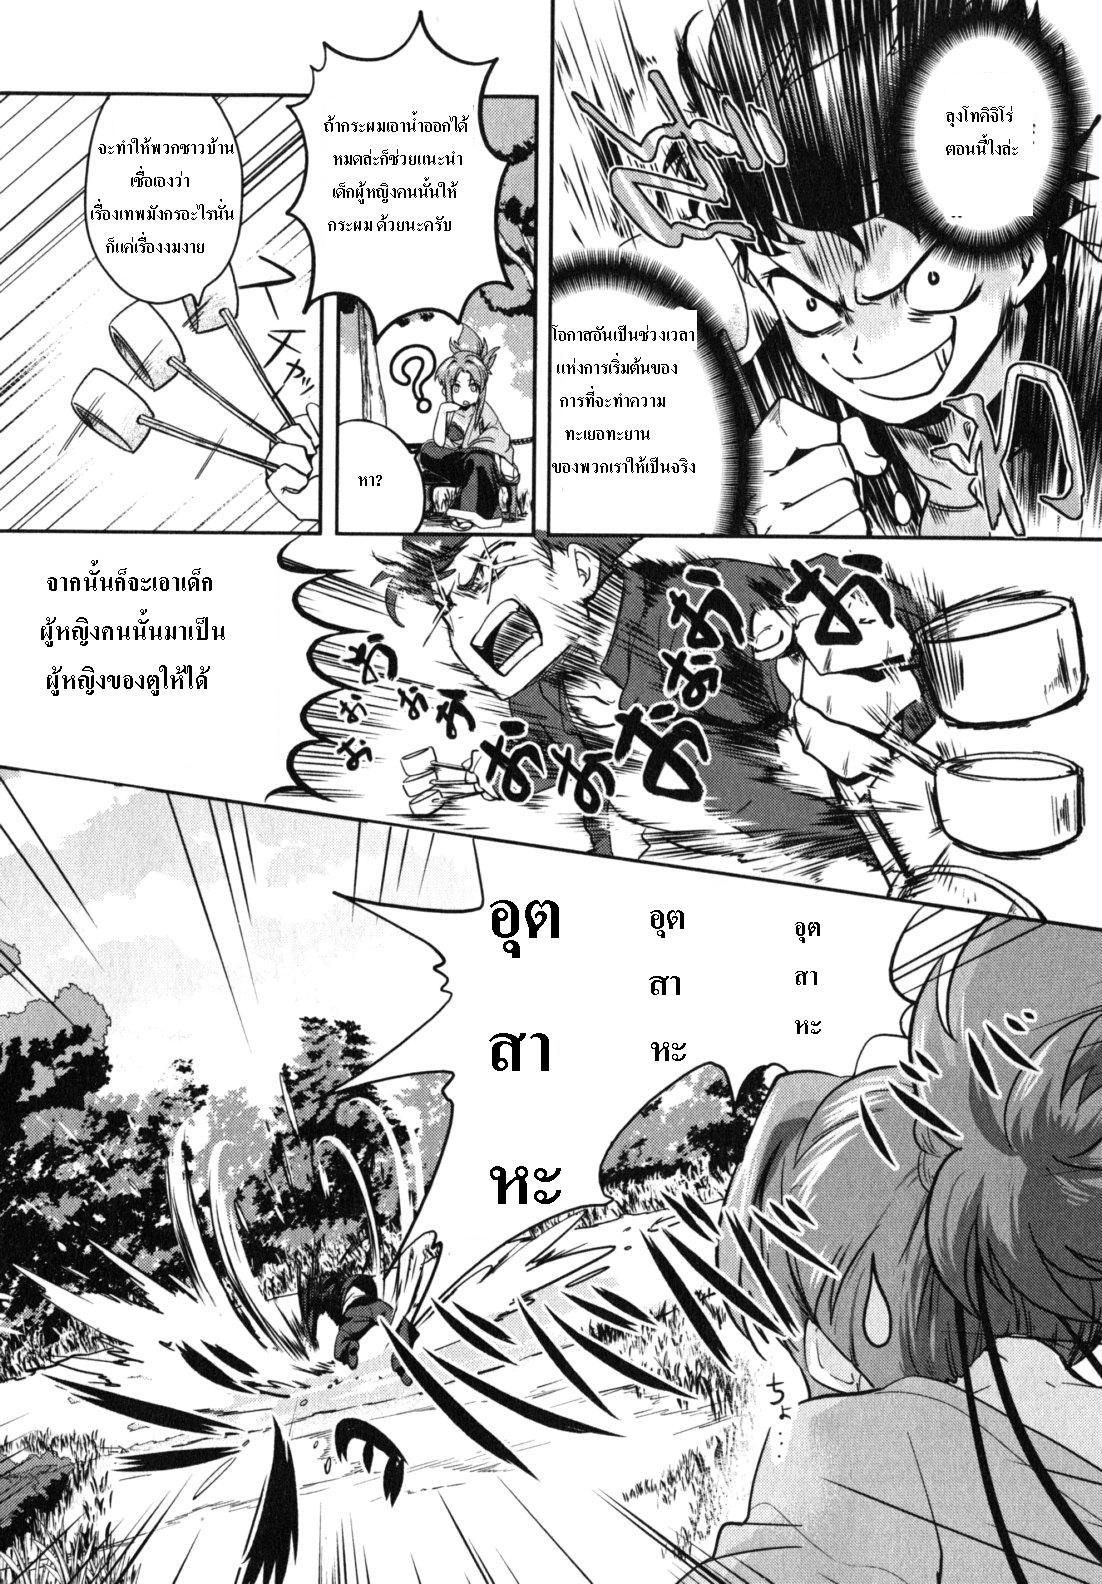 อ่านการ์ตูน Oda nobuna no yabou ch 1.2 ภาพที่ 20